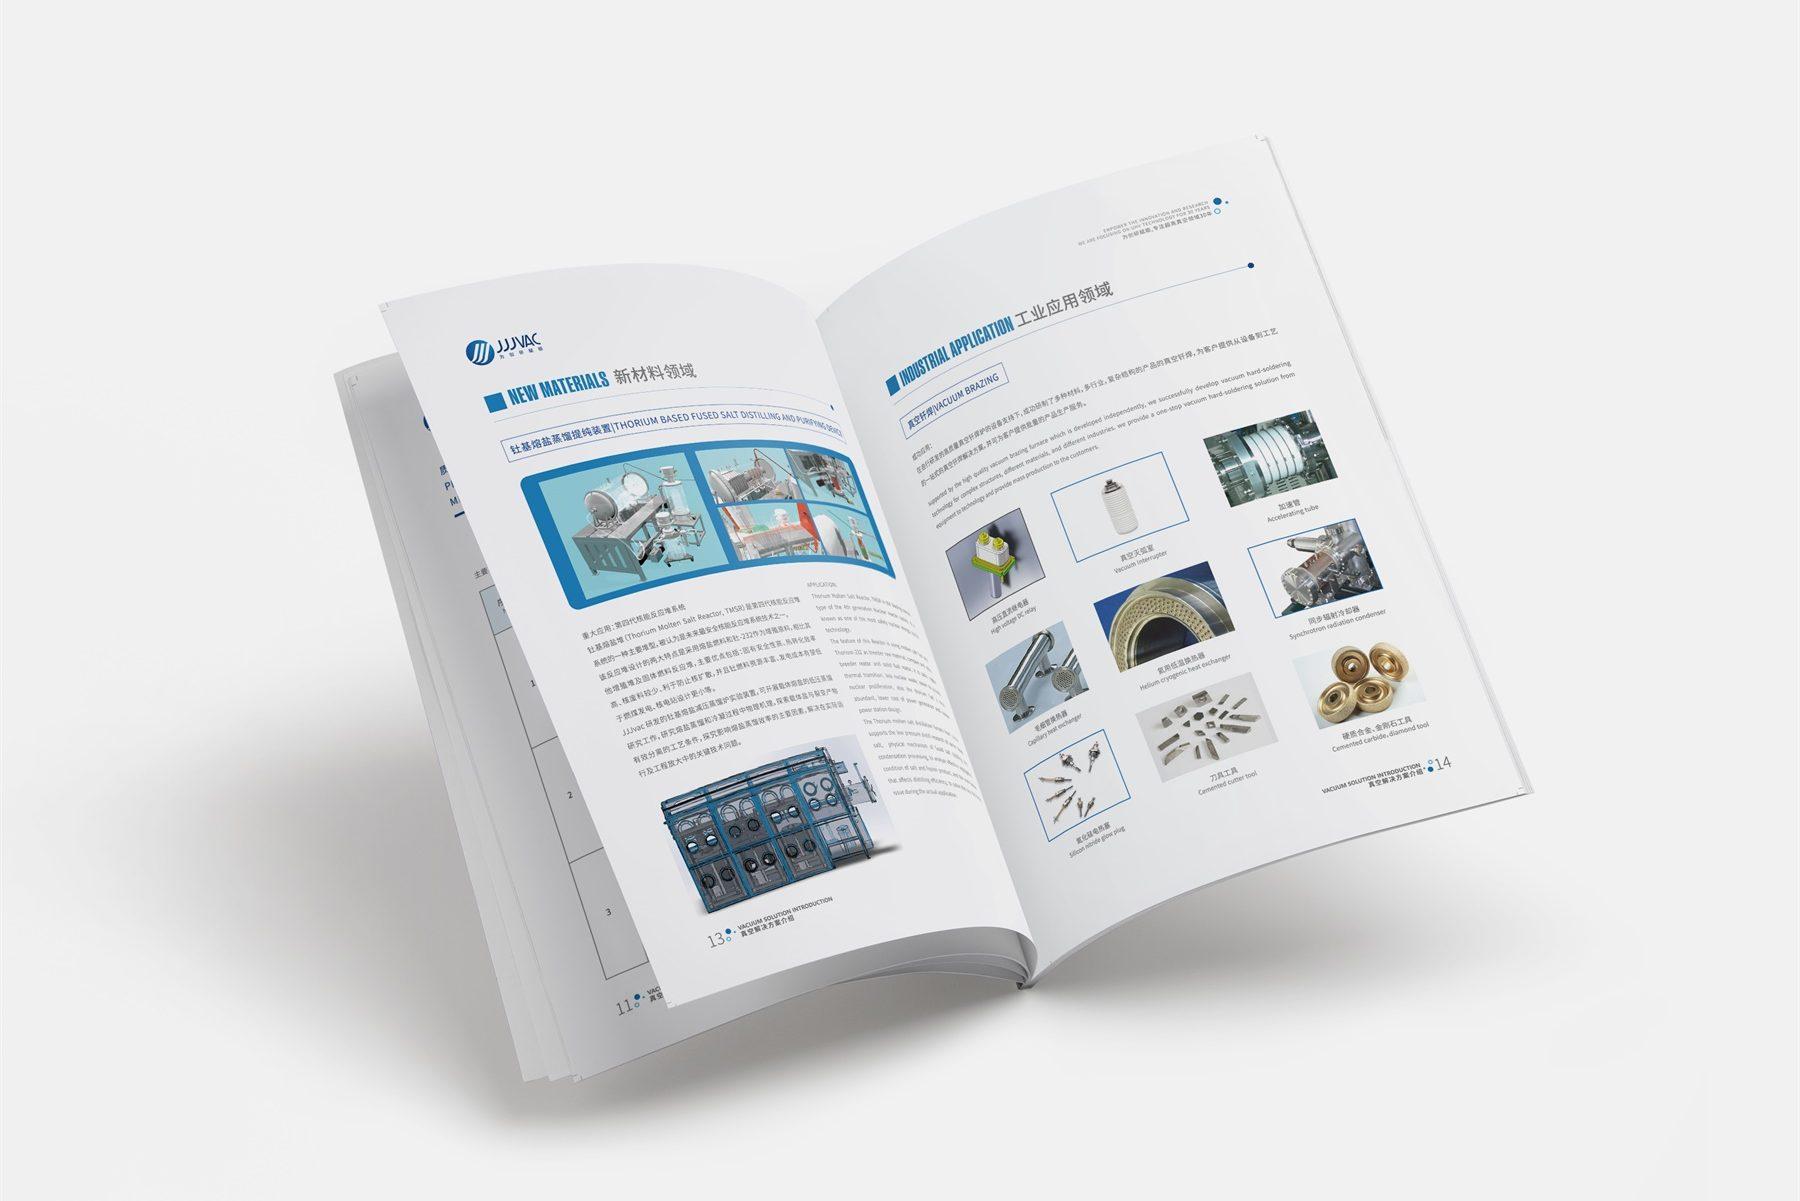 影响宣传册设计和印刷价格的决定性因素